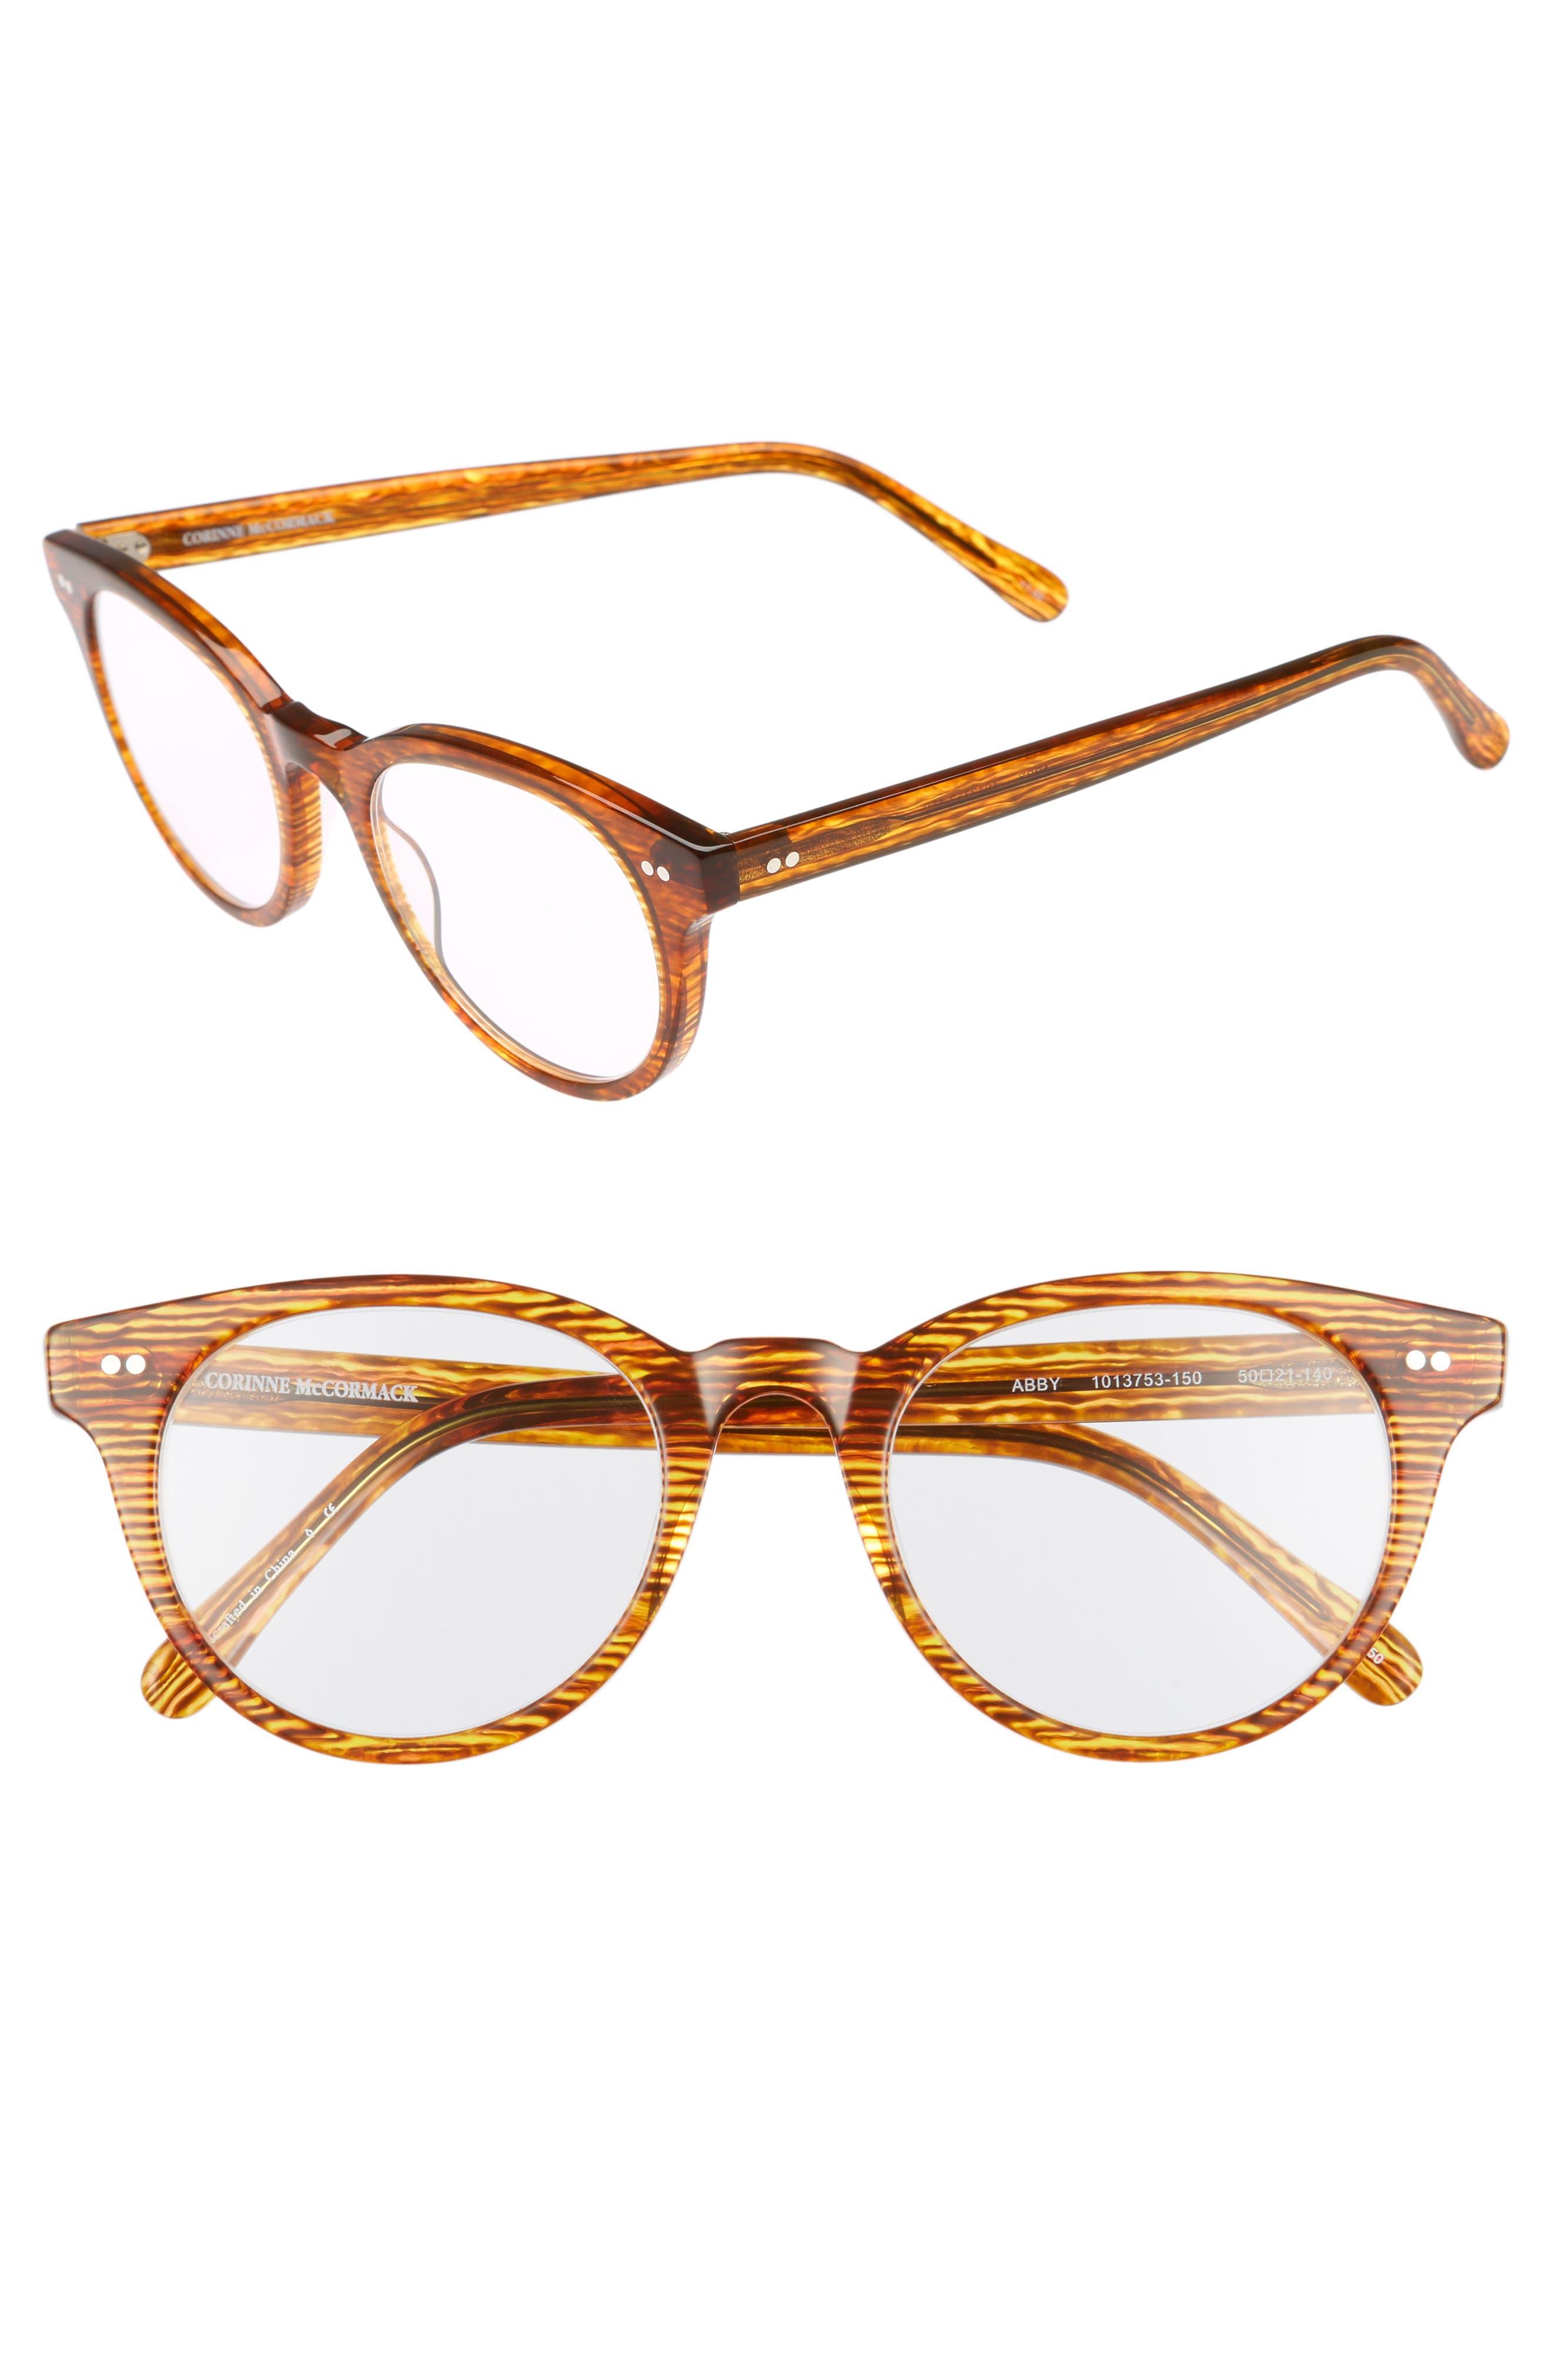 d8bd8490d81c Cheap Low Power Reading Glasses